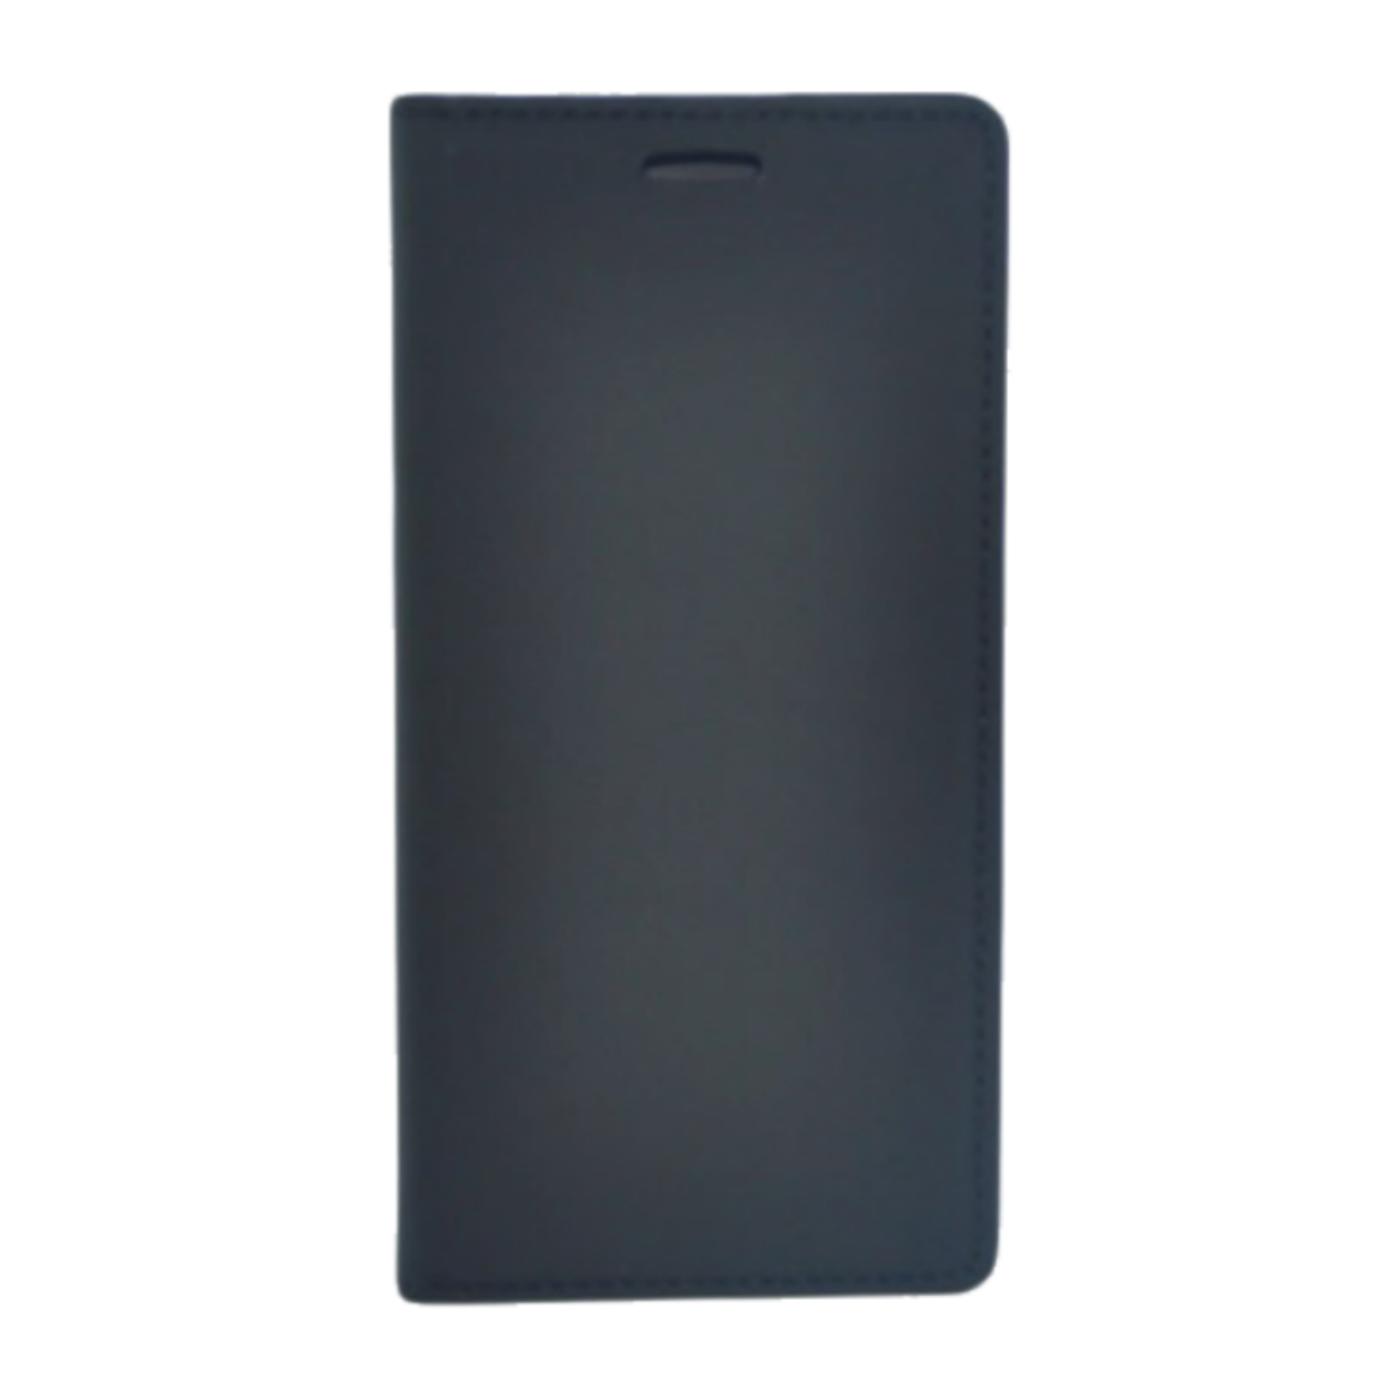 Futrola za mobitel Samsung S6, crna